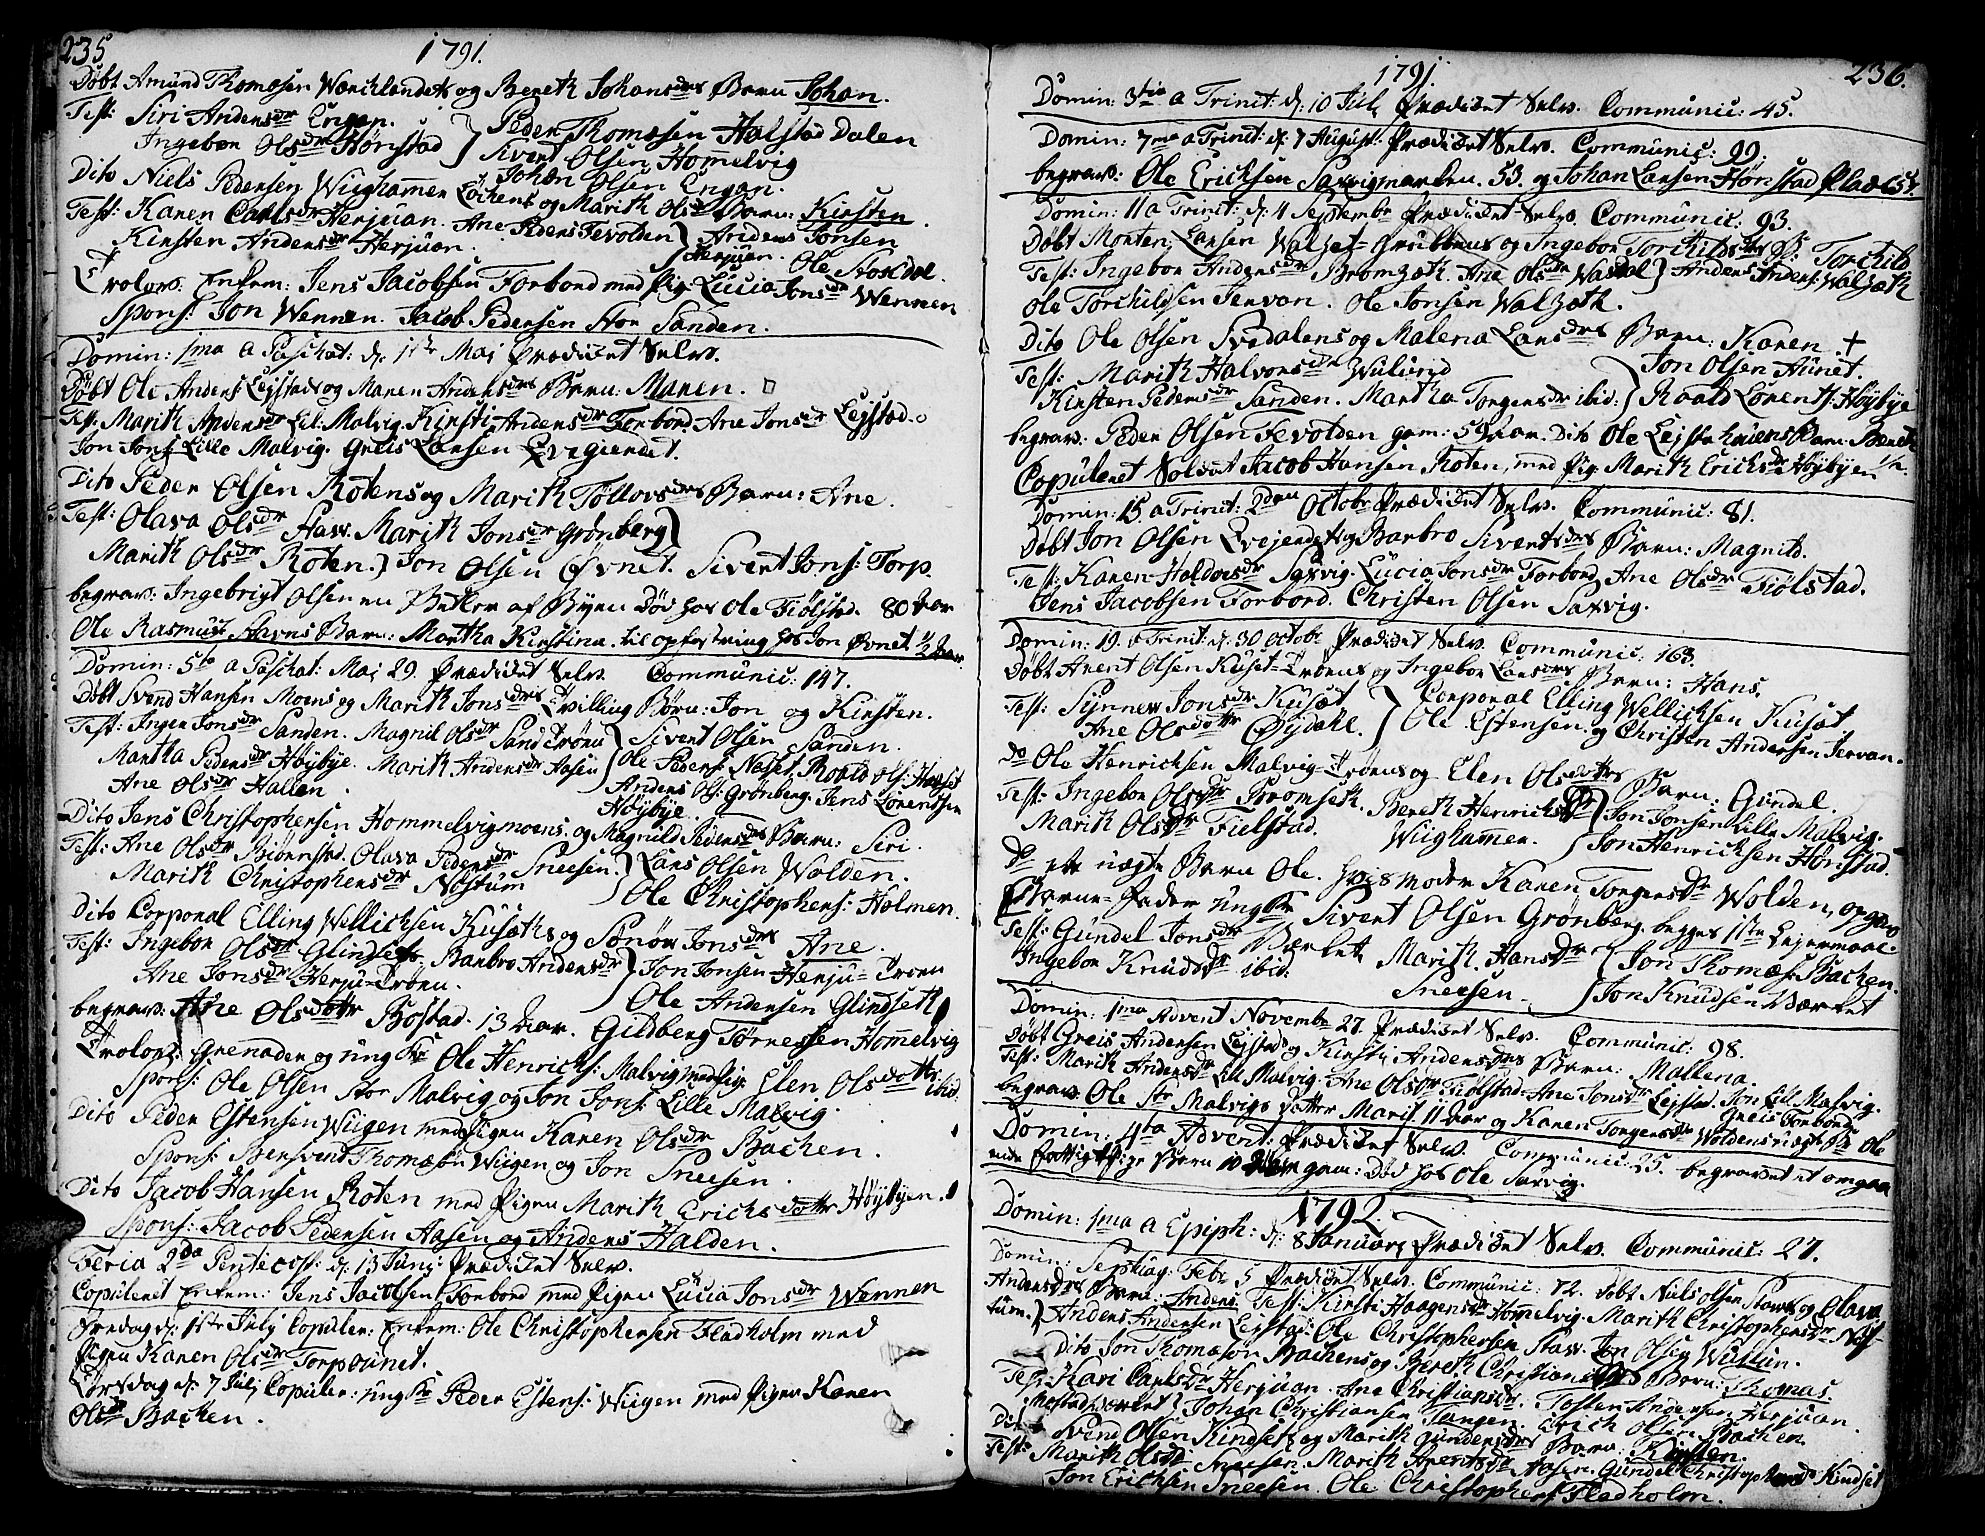 SAT, Ministerialprotokoller, klokkerbøker og fødselsregistre - Sør-Trøndelag, 606/L0281: Ministerialbok nr. 606A02 /2, 1781-1817, s. 235-236